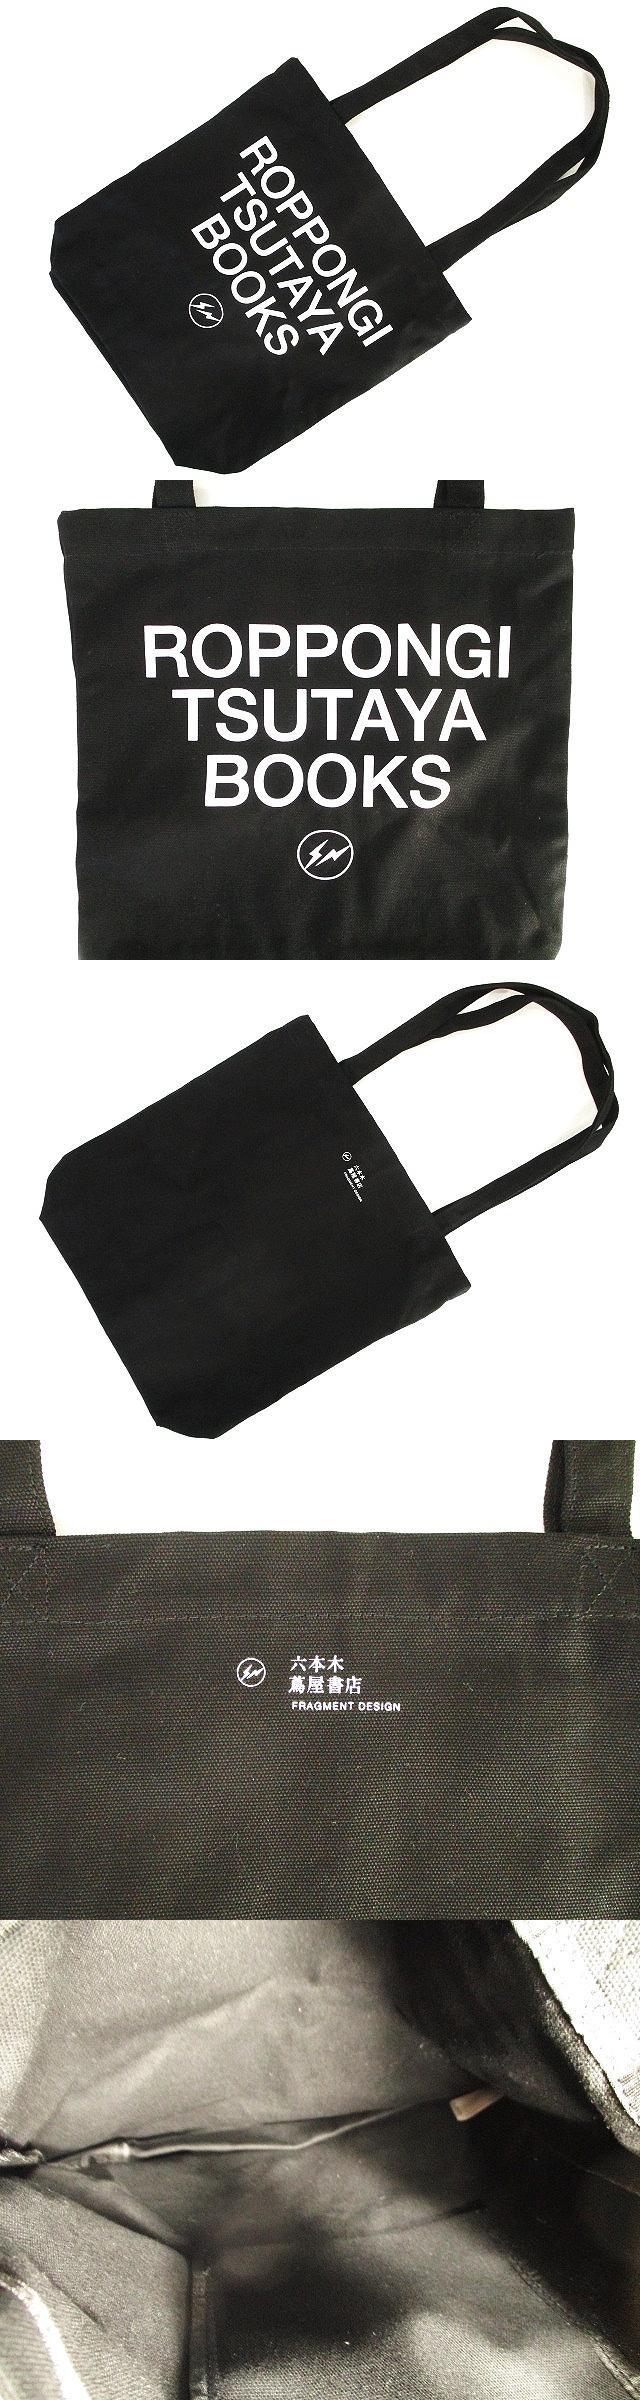 × 六本木 蔦屋書店 極美品 トート バッグ キャンバス プリント ロゴ 黒 ブラック